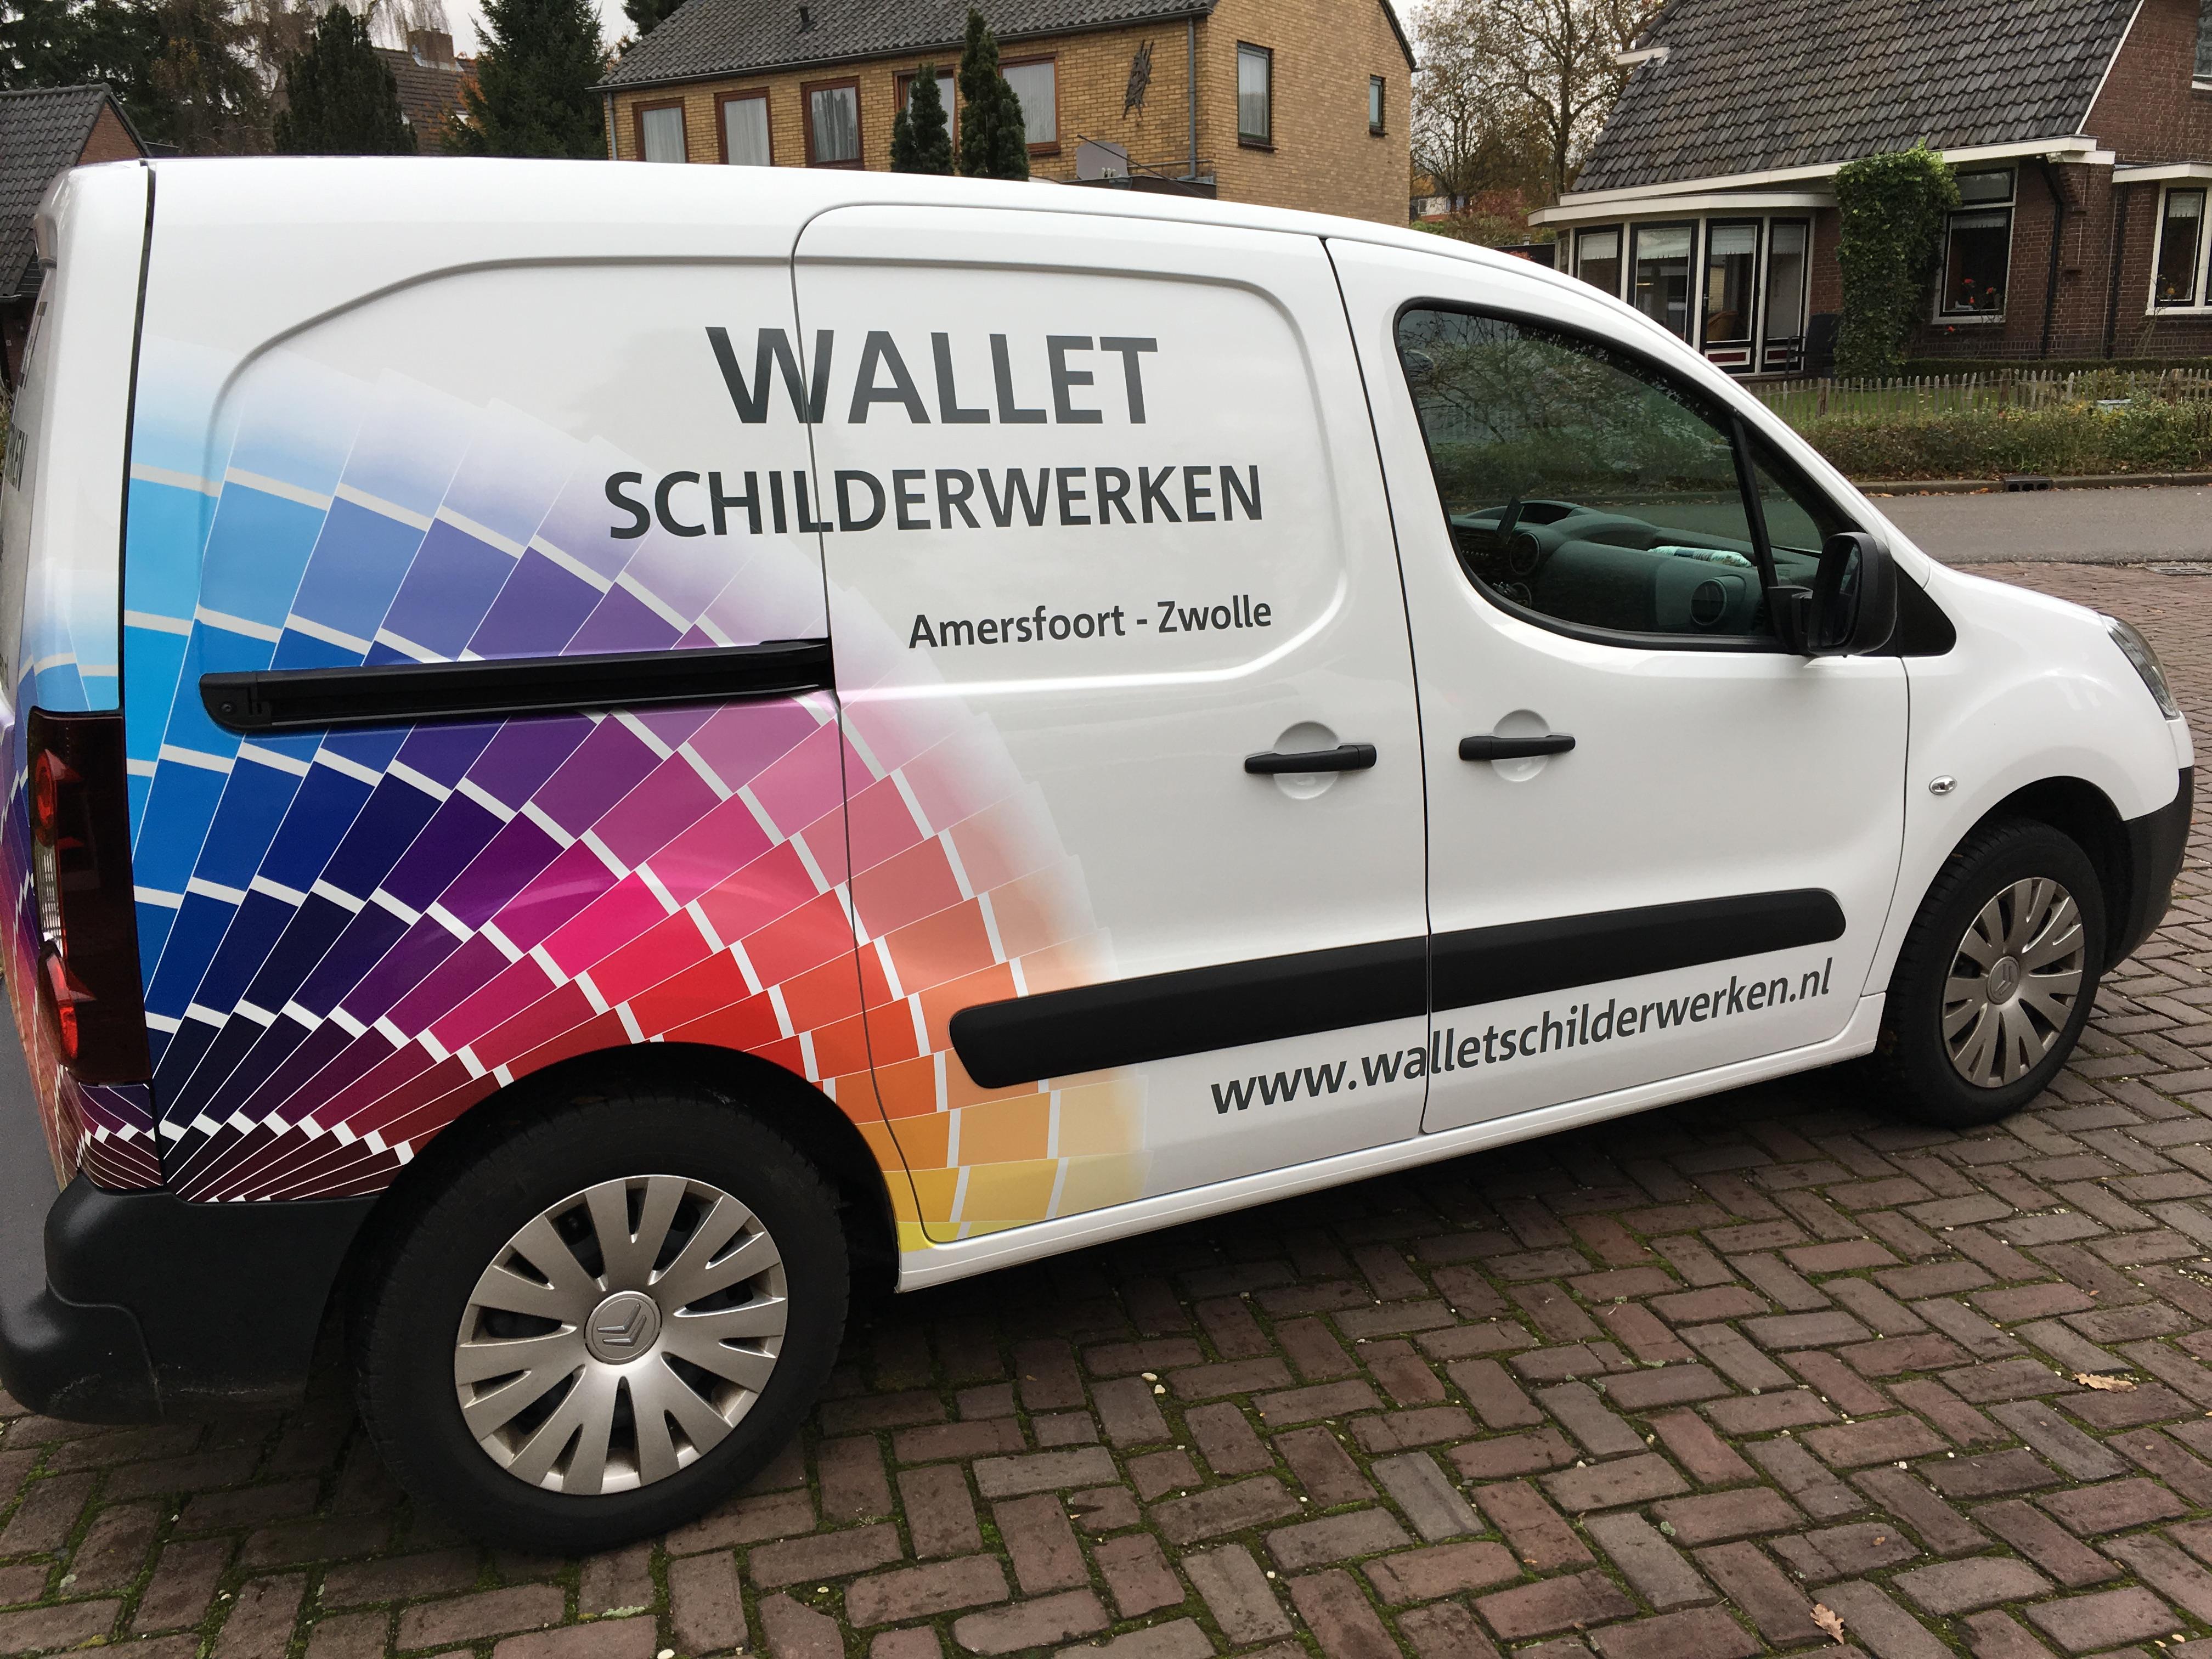 Auto Wallet Schilderwerken